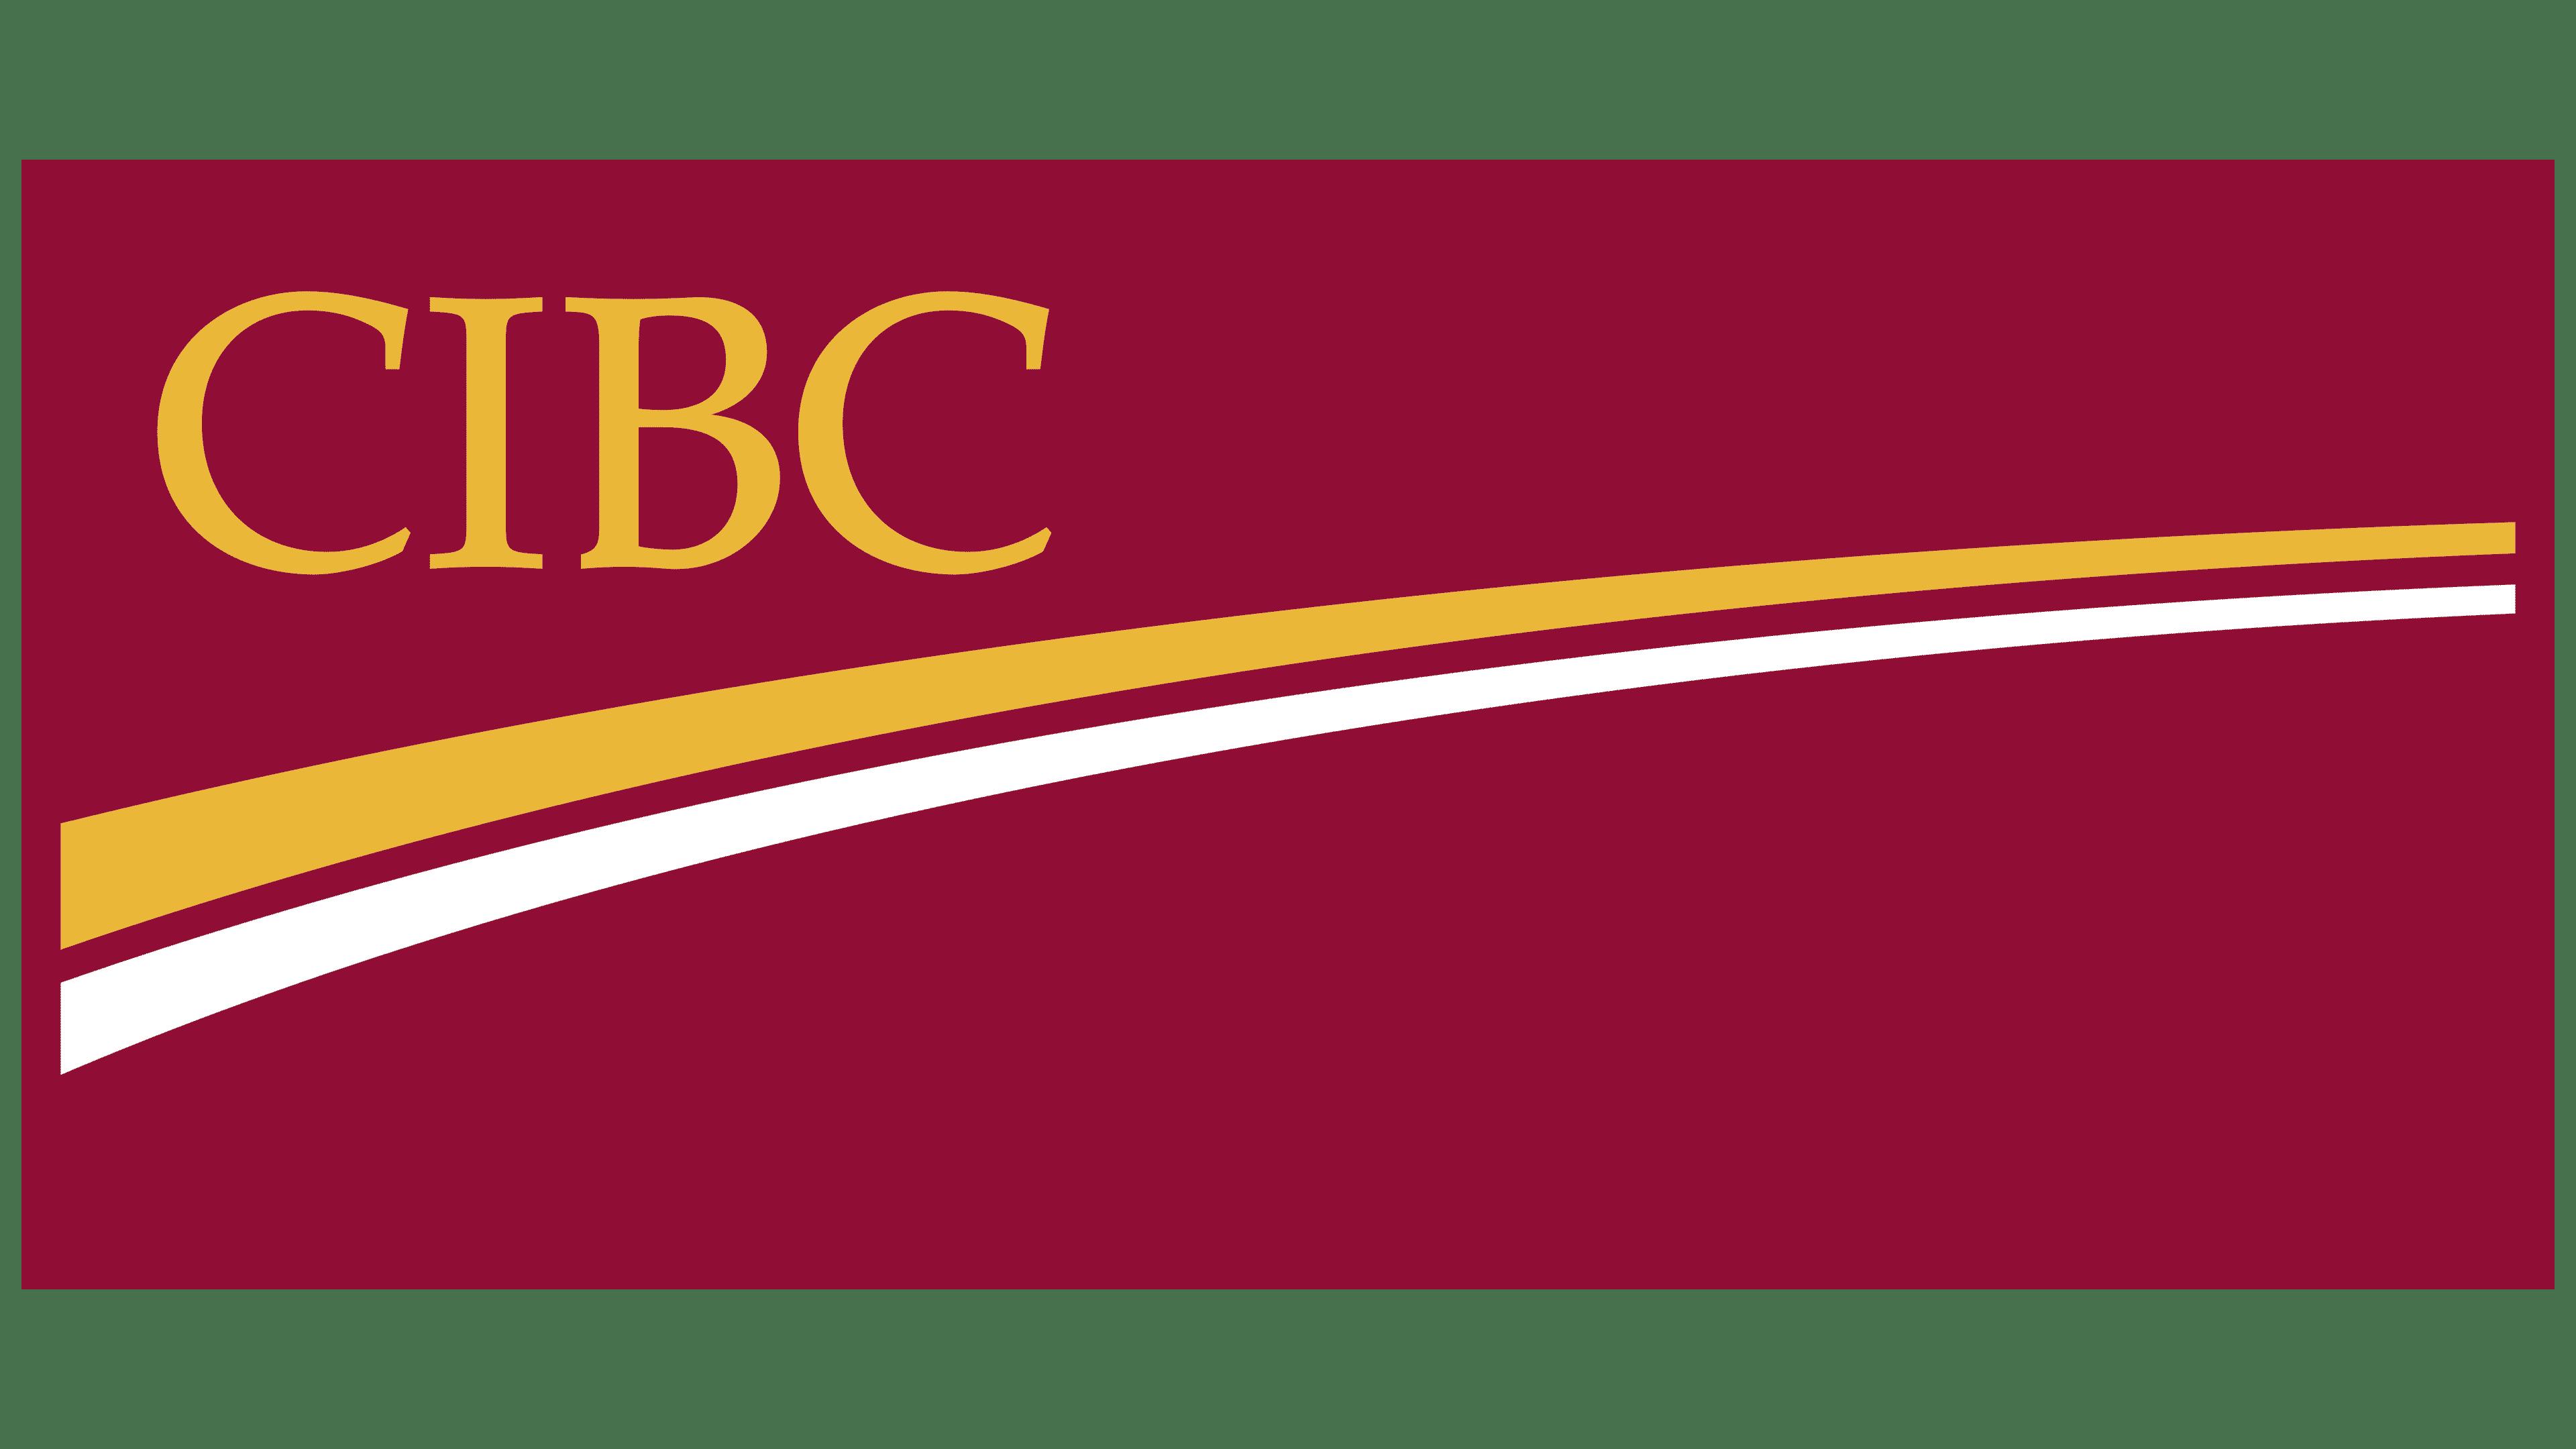 CIBC-Emblem